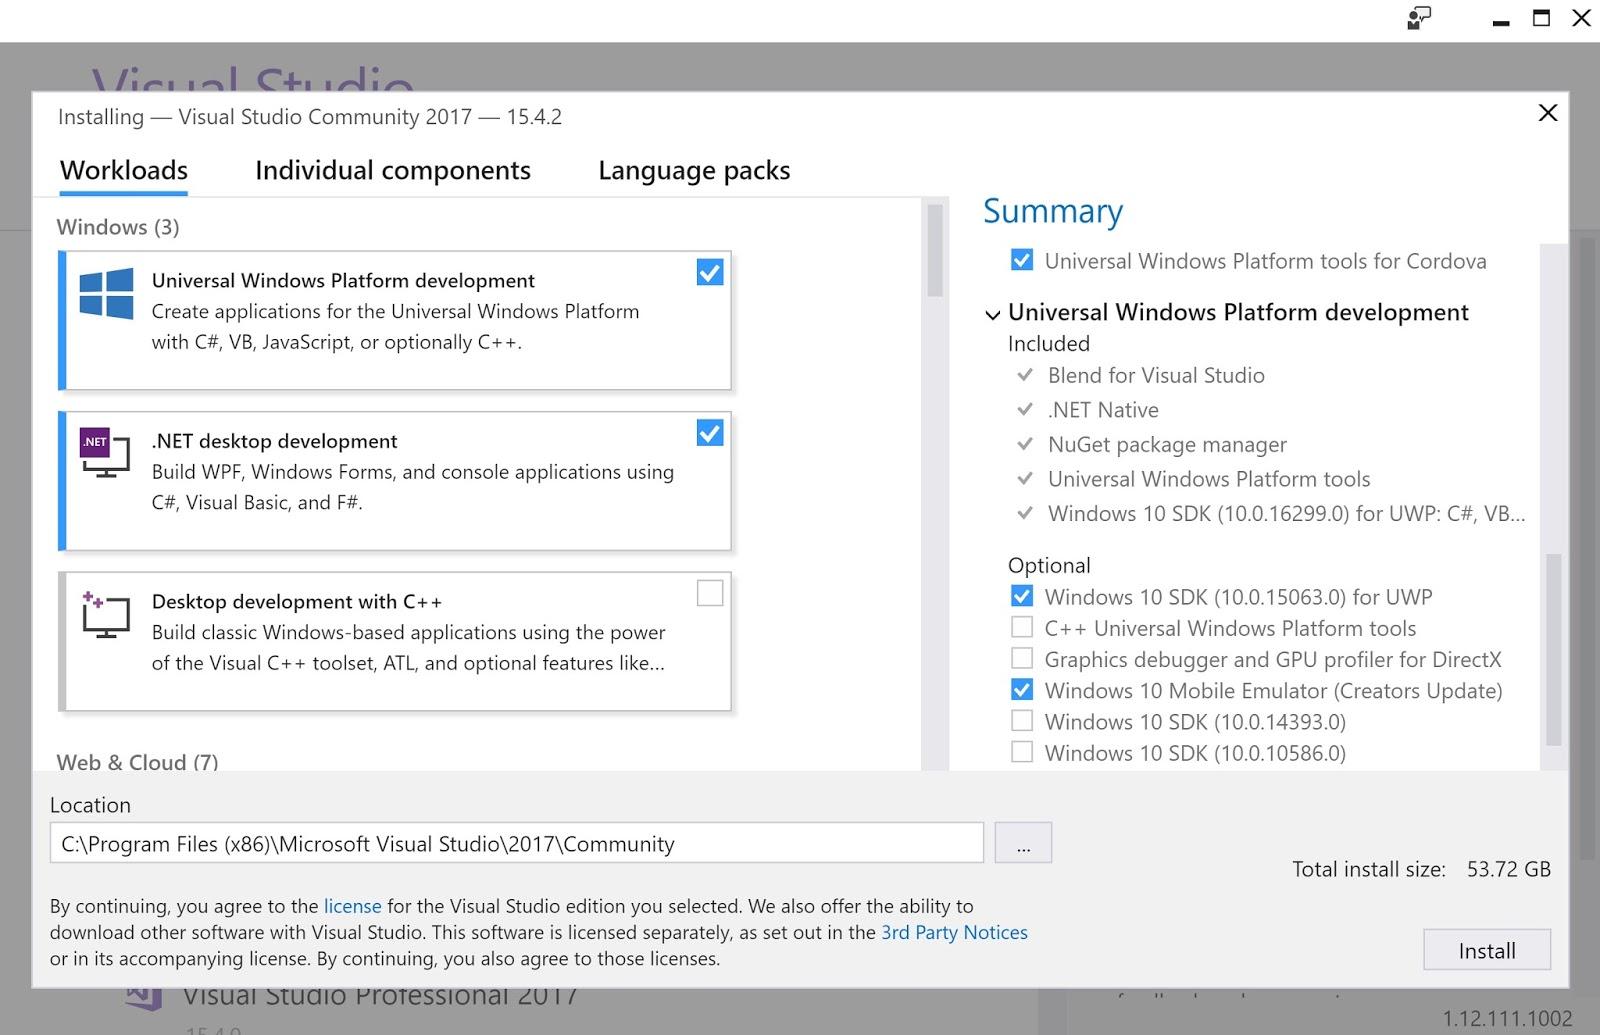 HodentekHelp: How do you install Visual Studio Community 2017?